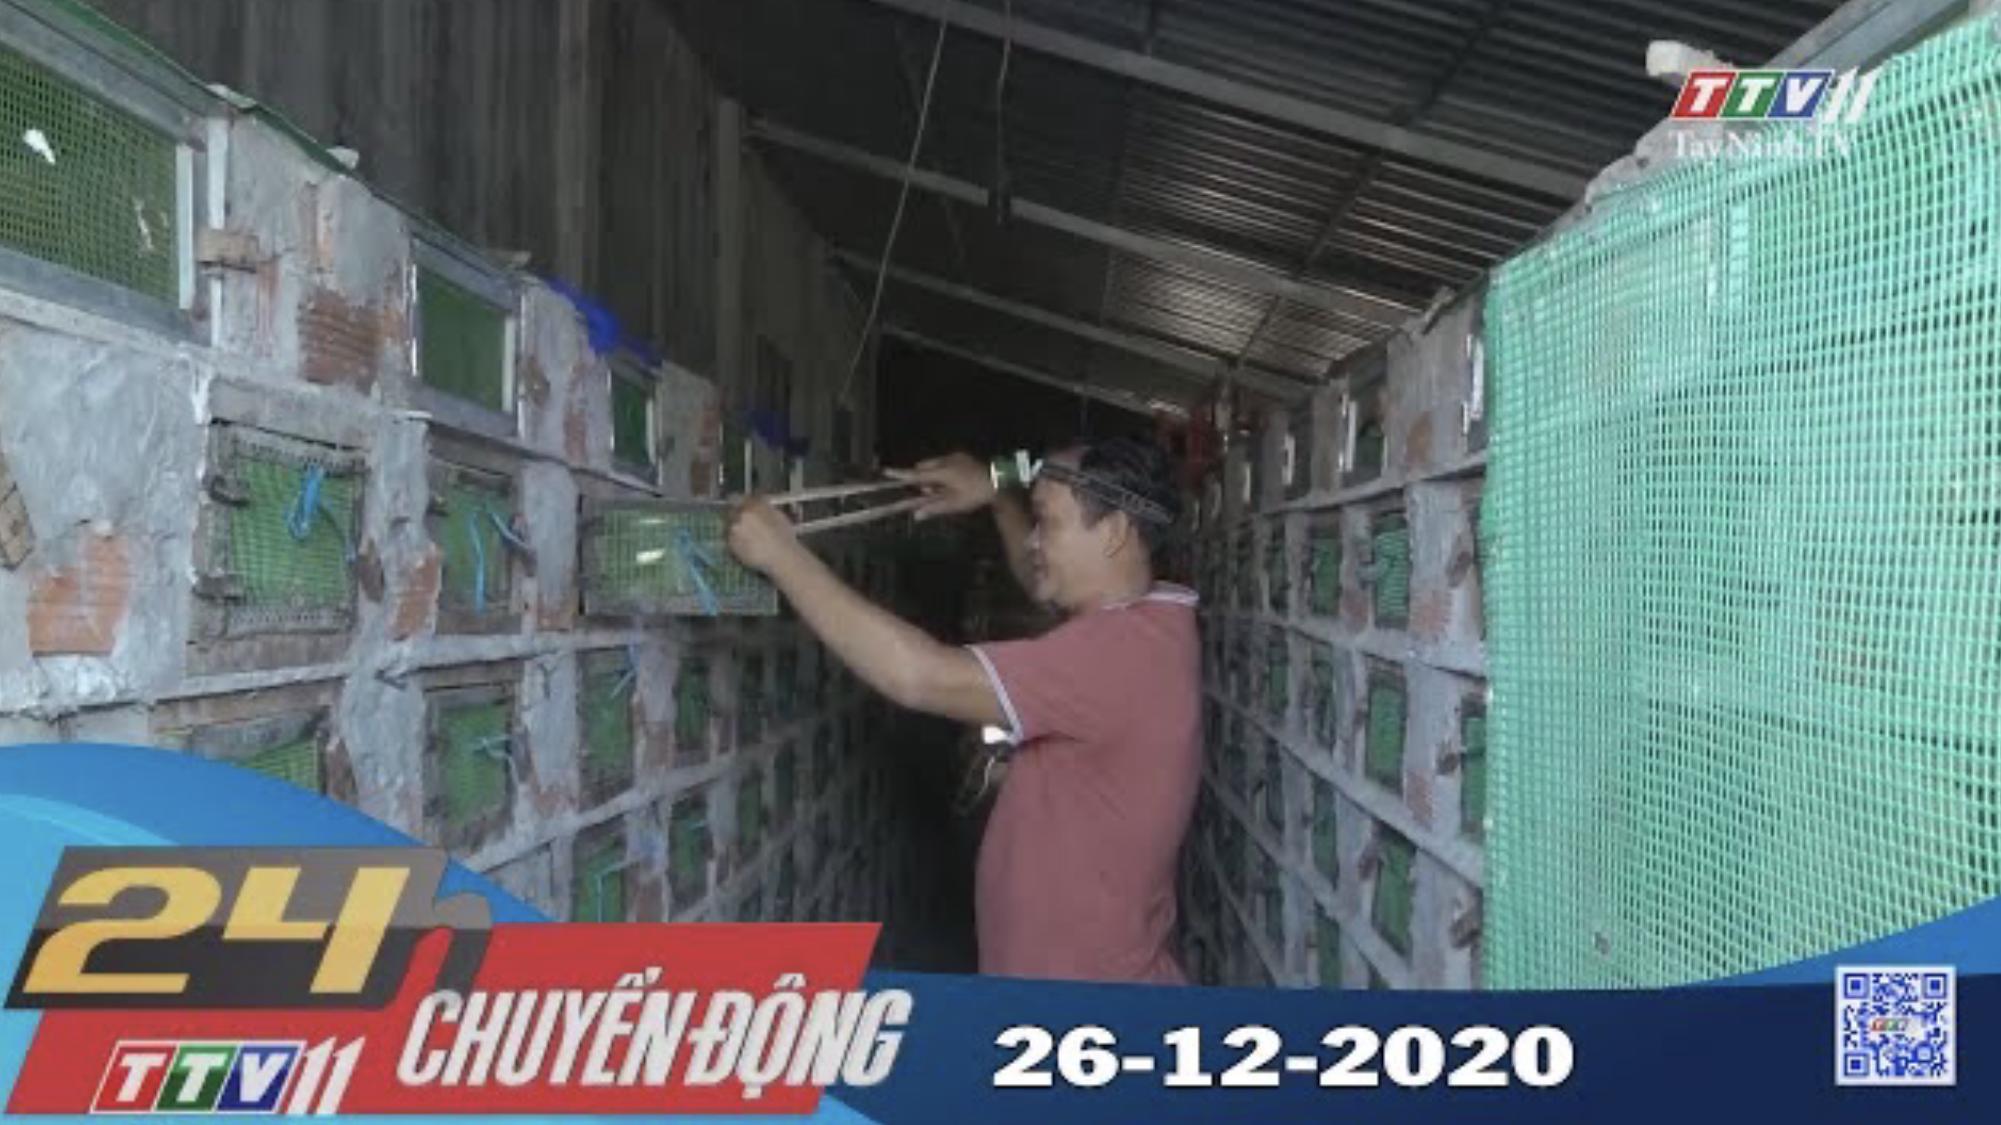 24h Chuyển động 26-12-2020 | Tin tức hôm nay | TayNinhTV